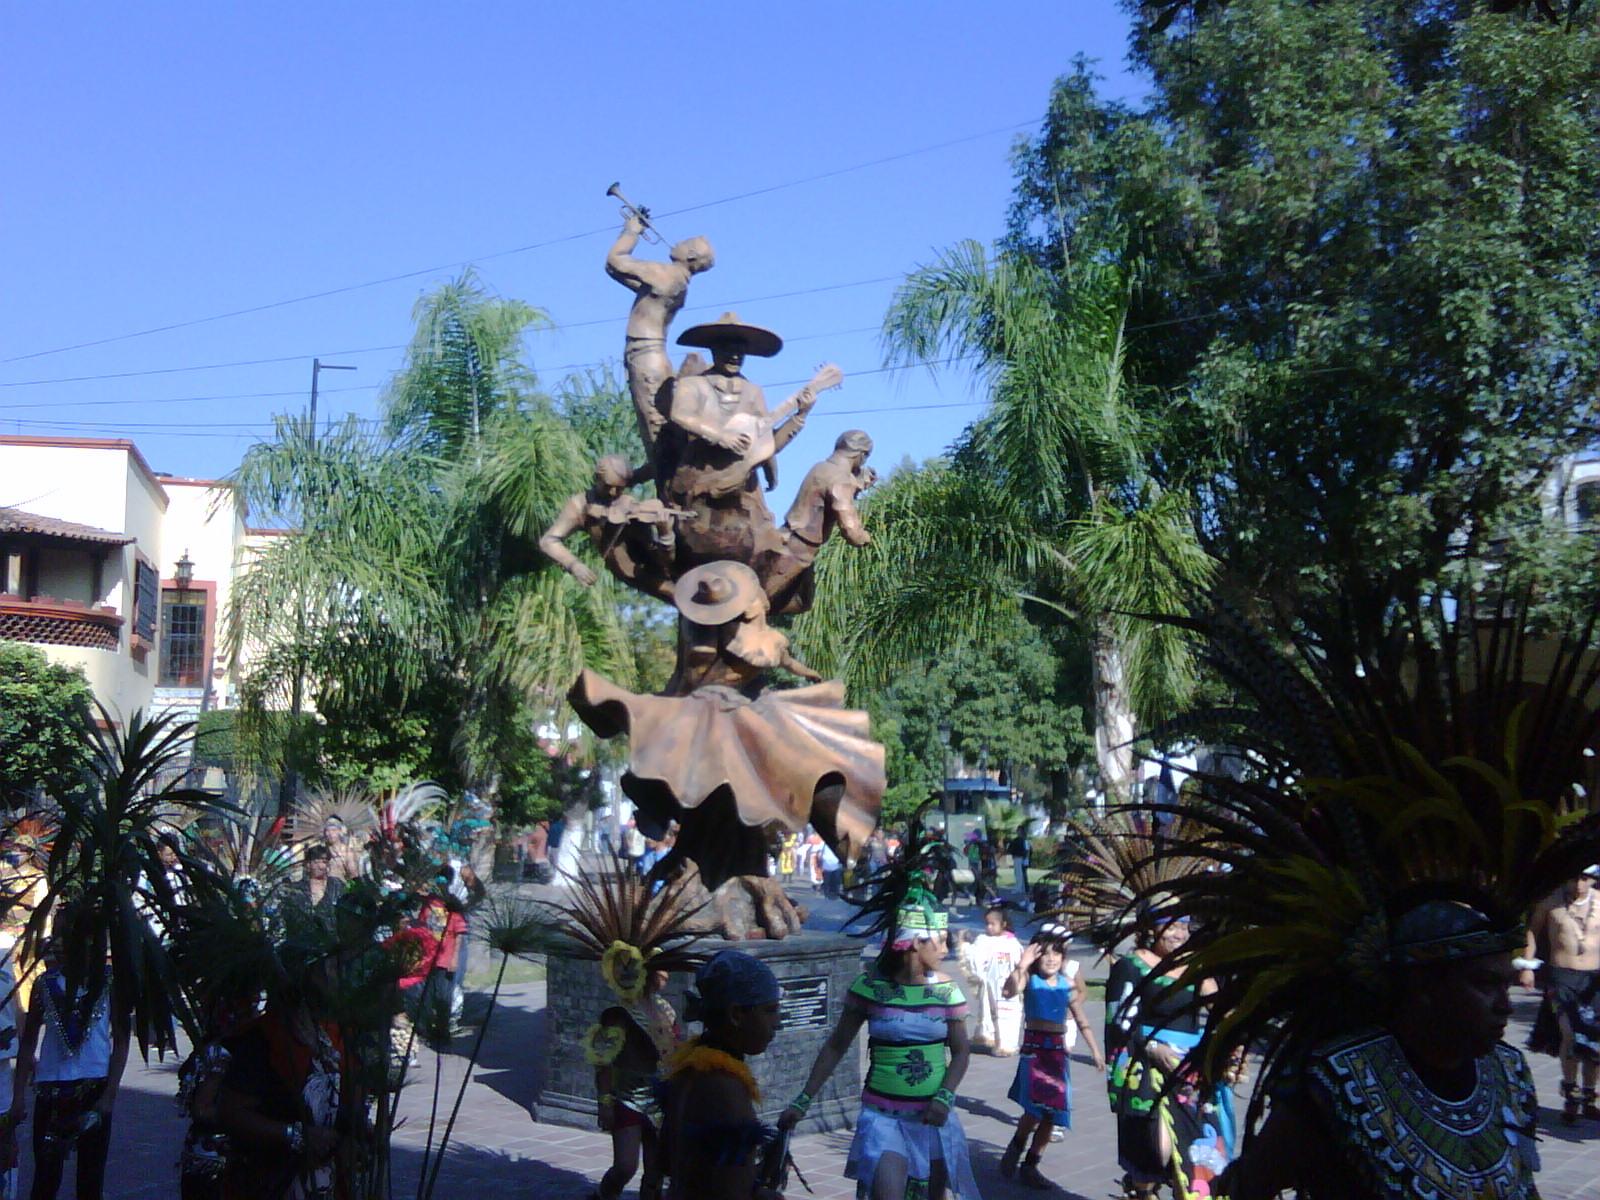 Tlaquepaque in Guadalajara sunny day